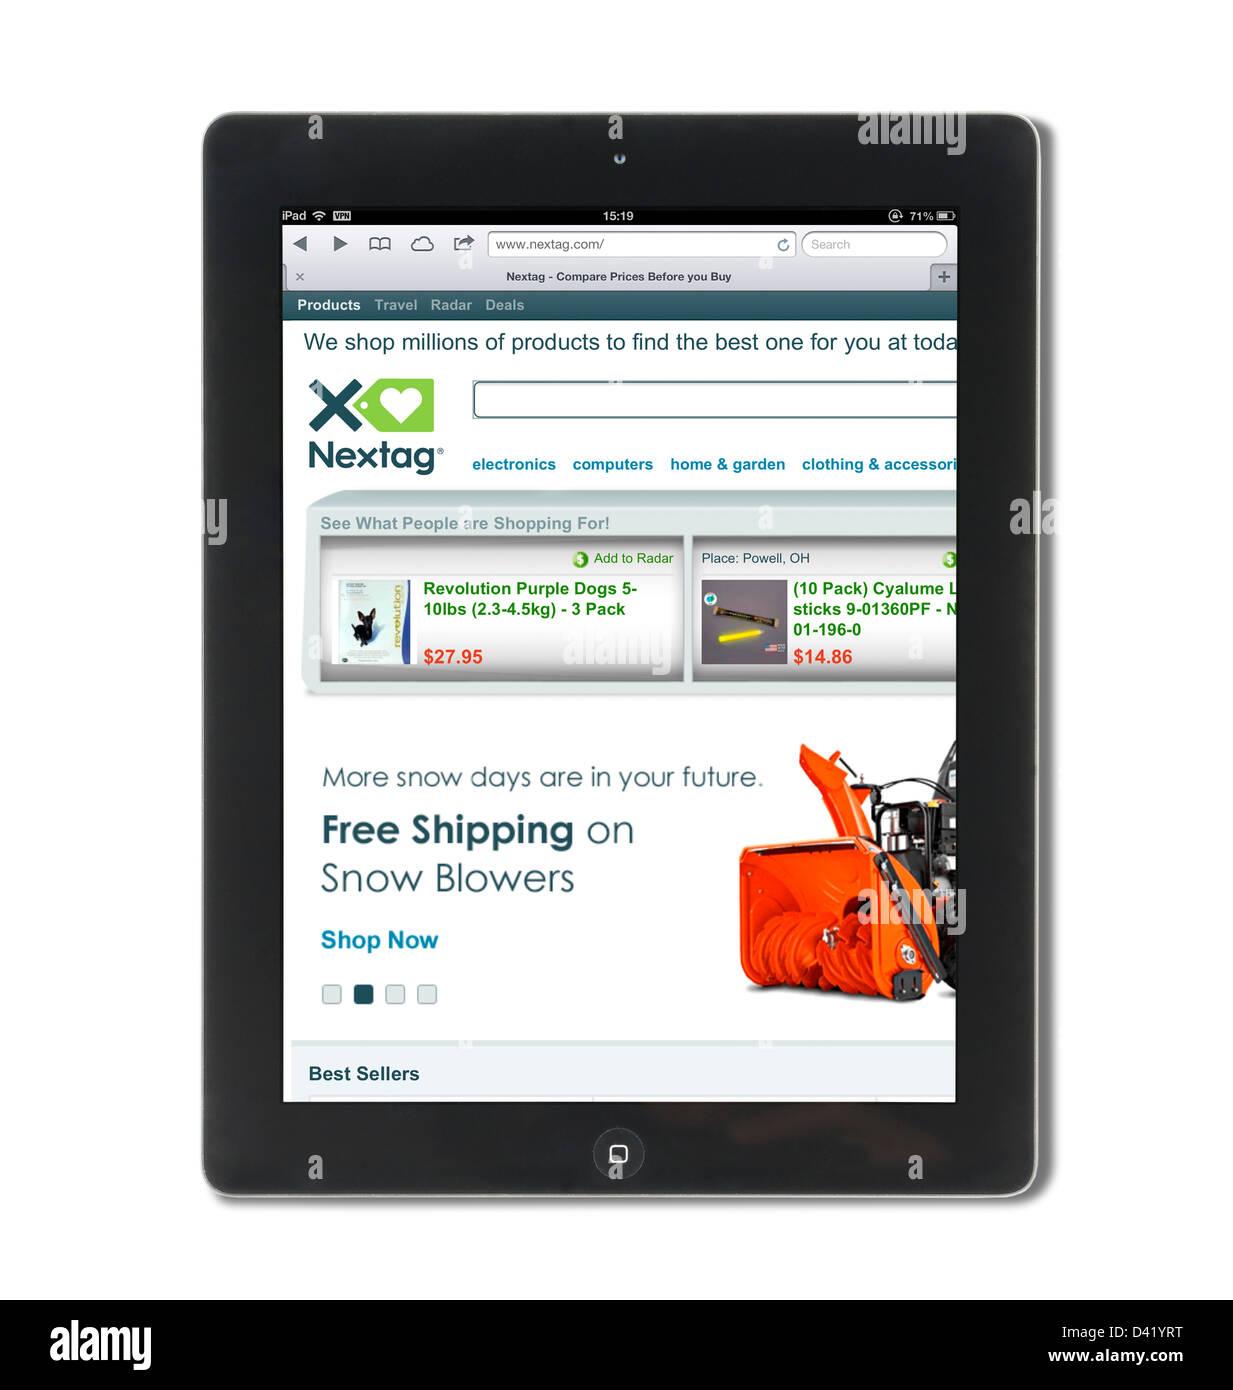 Il confronto dei prezzi sito NexTag visualizzati su un iPad 4, STATI UNITI D'AMERICA Immagini Stock